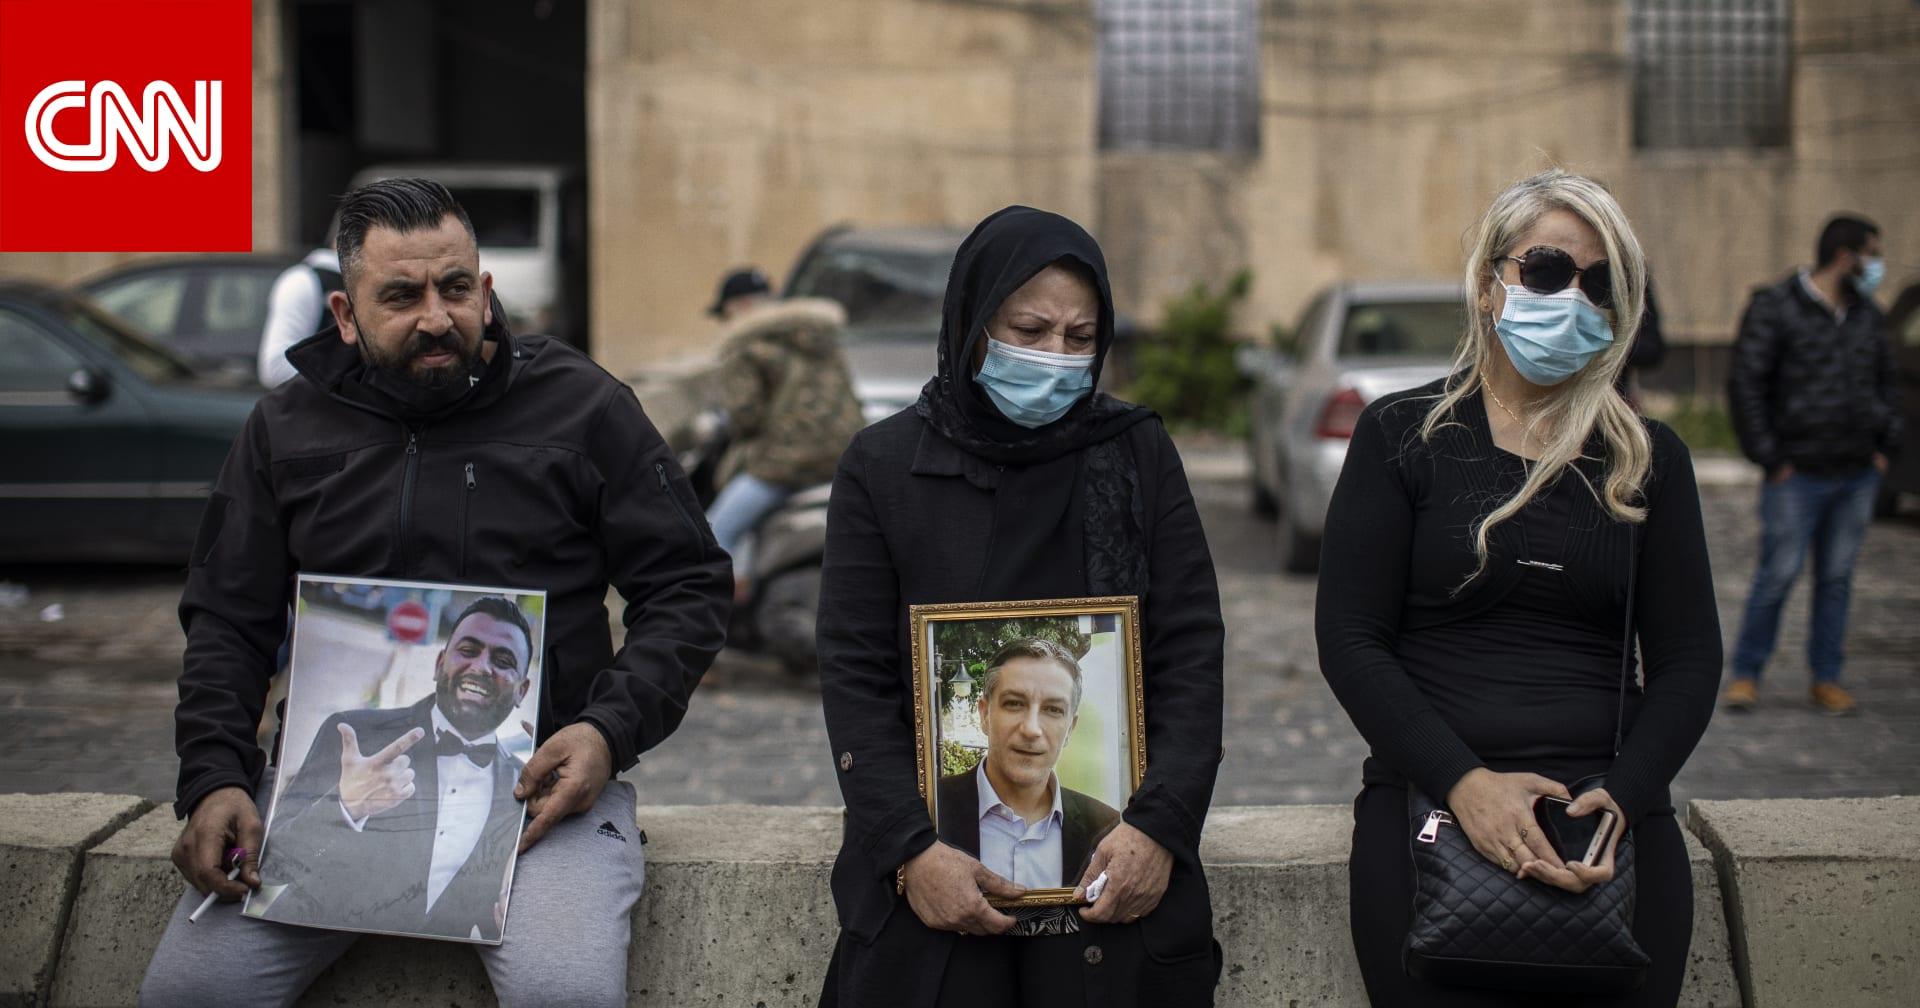 لبنان: إقالة قاضي التحقيق في انفجار مرفأ بيروت وسط اتهامات للسلطات بعرقلة العدالة